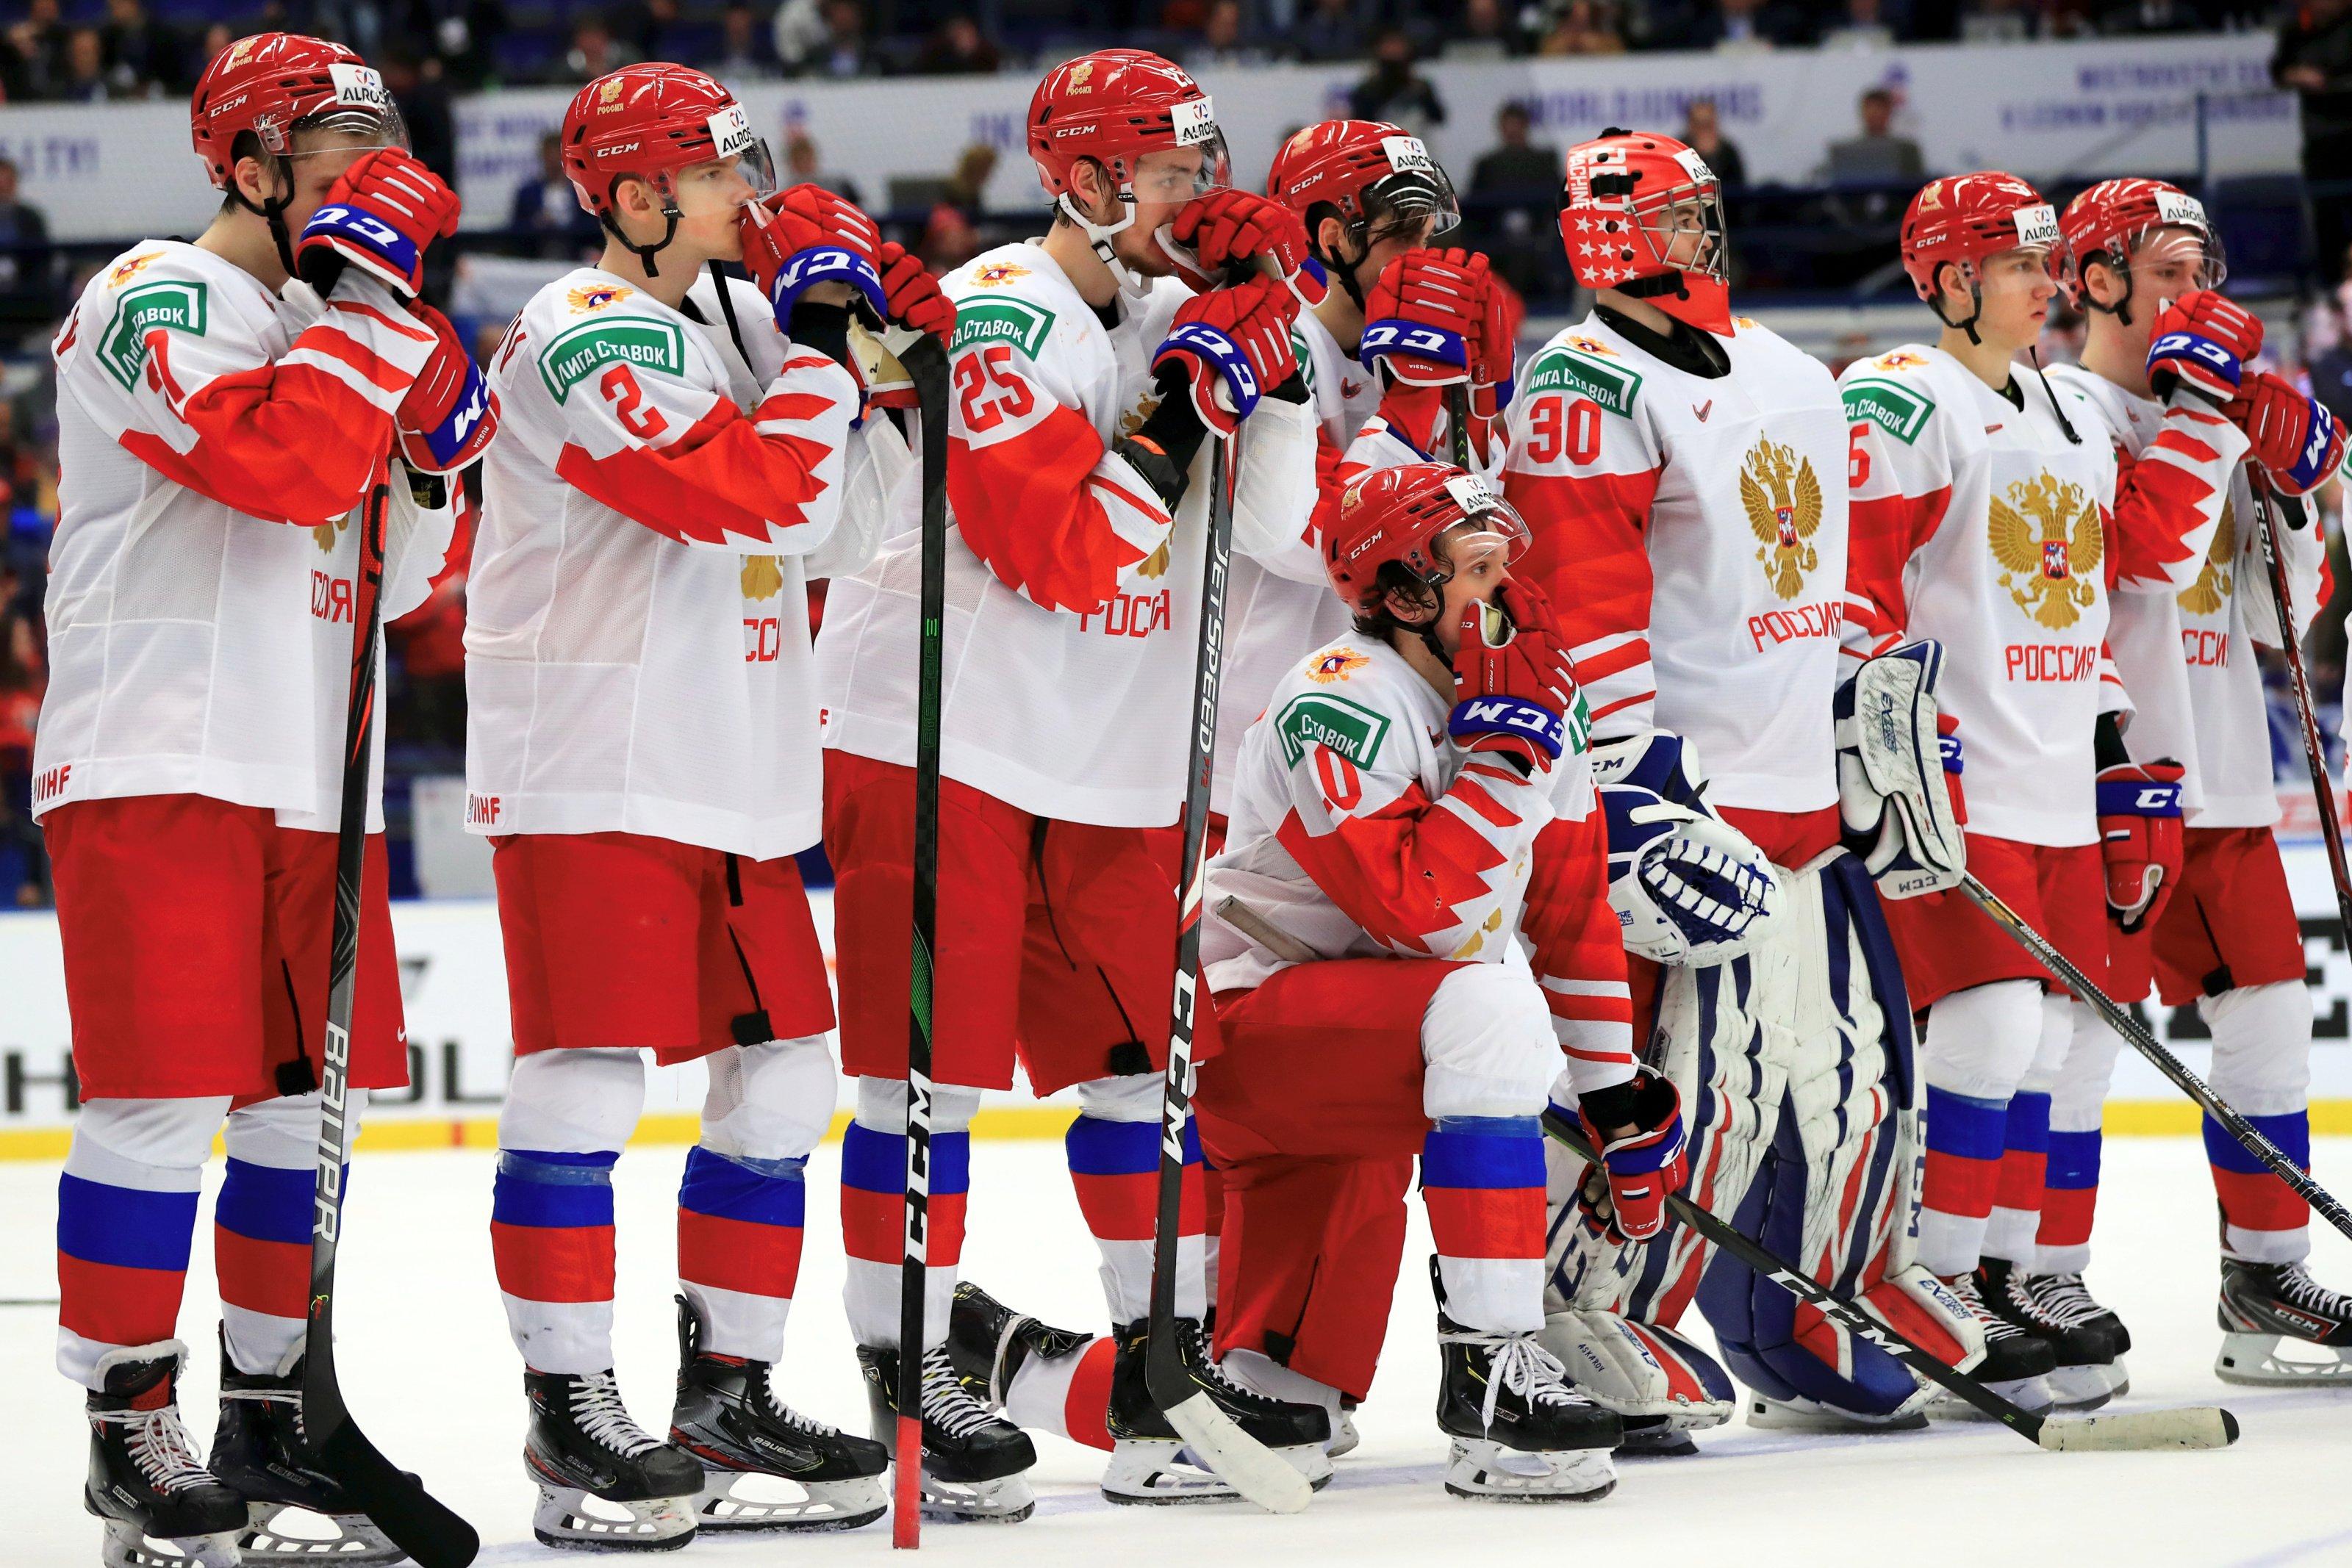 Опубликовано расписание матчей сборной России по хоккею на чемпионате мира в Риге